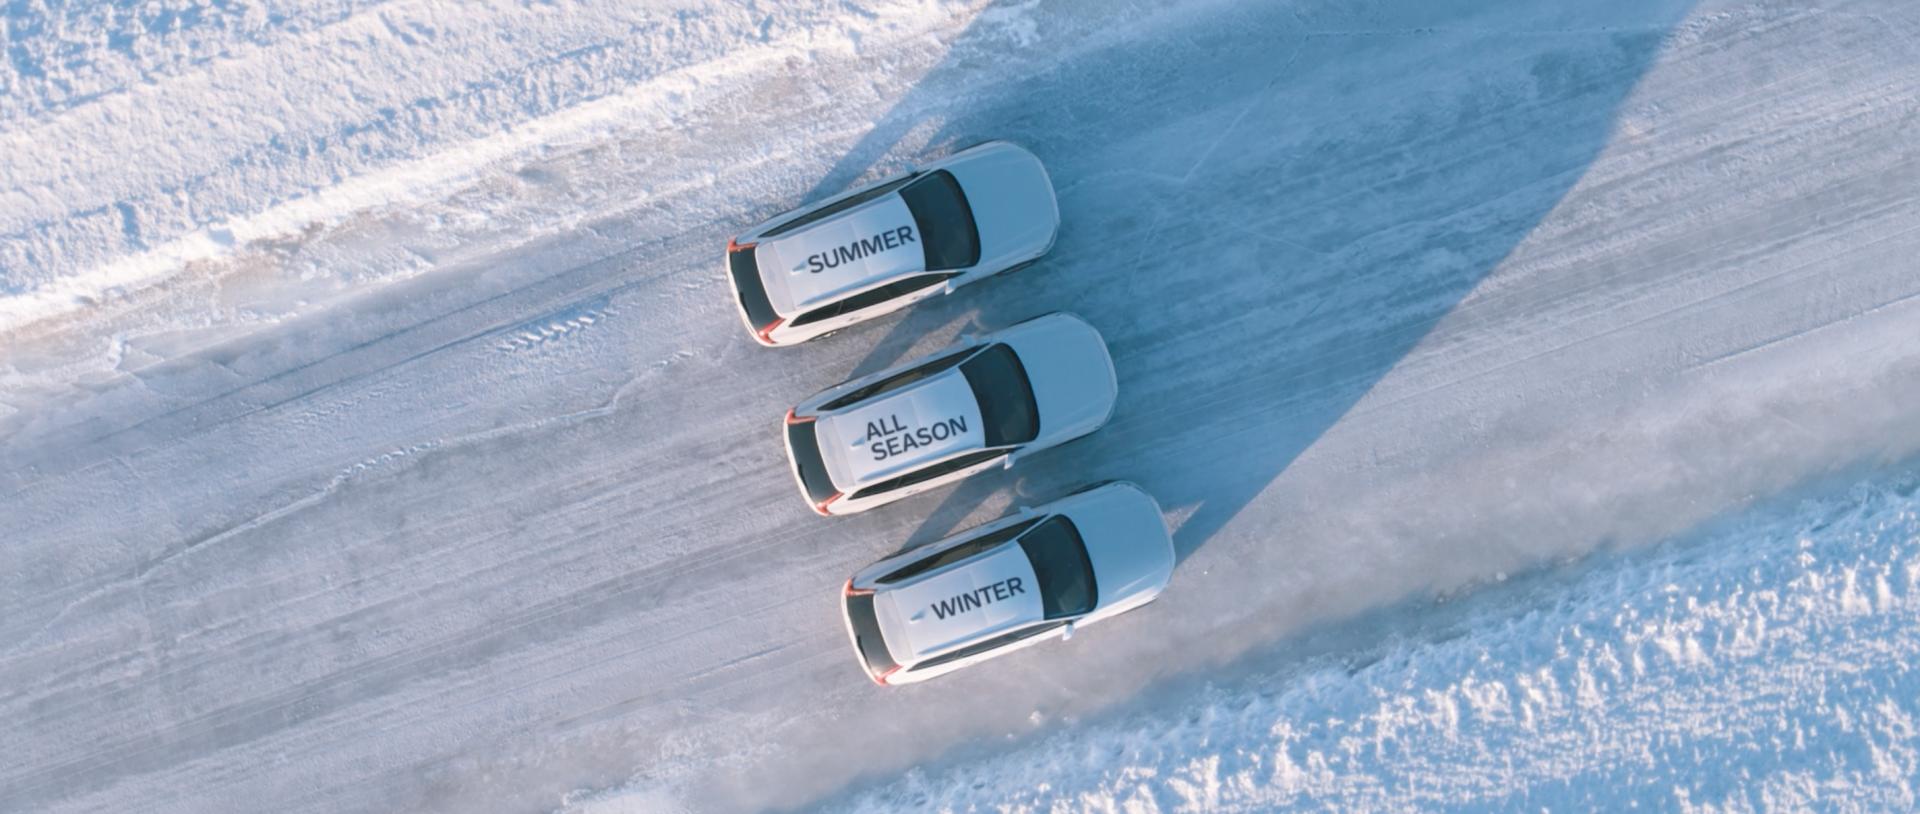 Volvo_Bremstest_im_Schnee_3Autos_nebeneinander